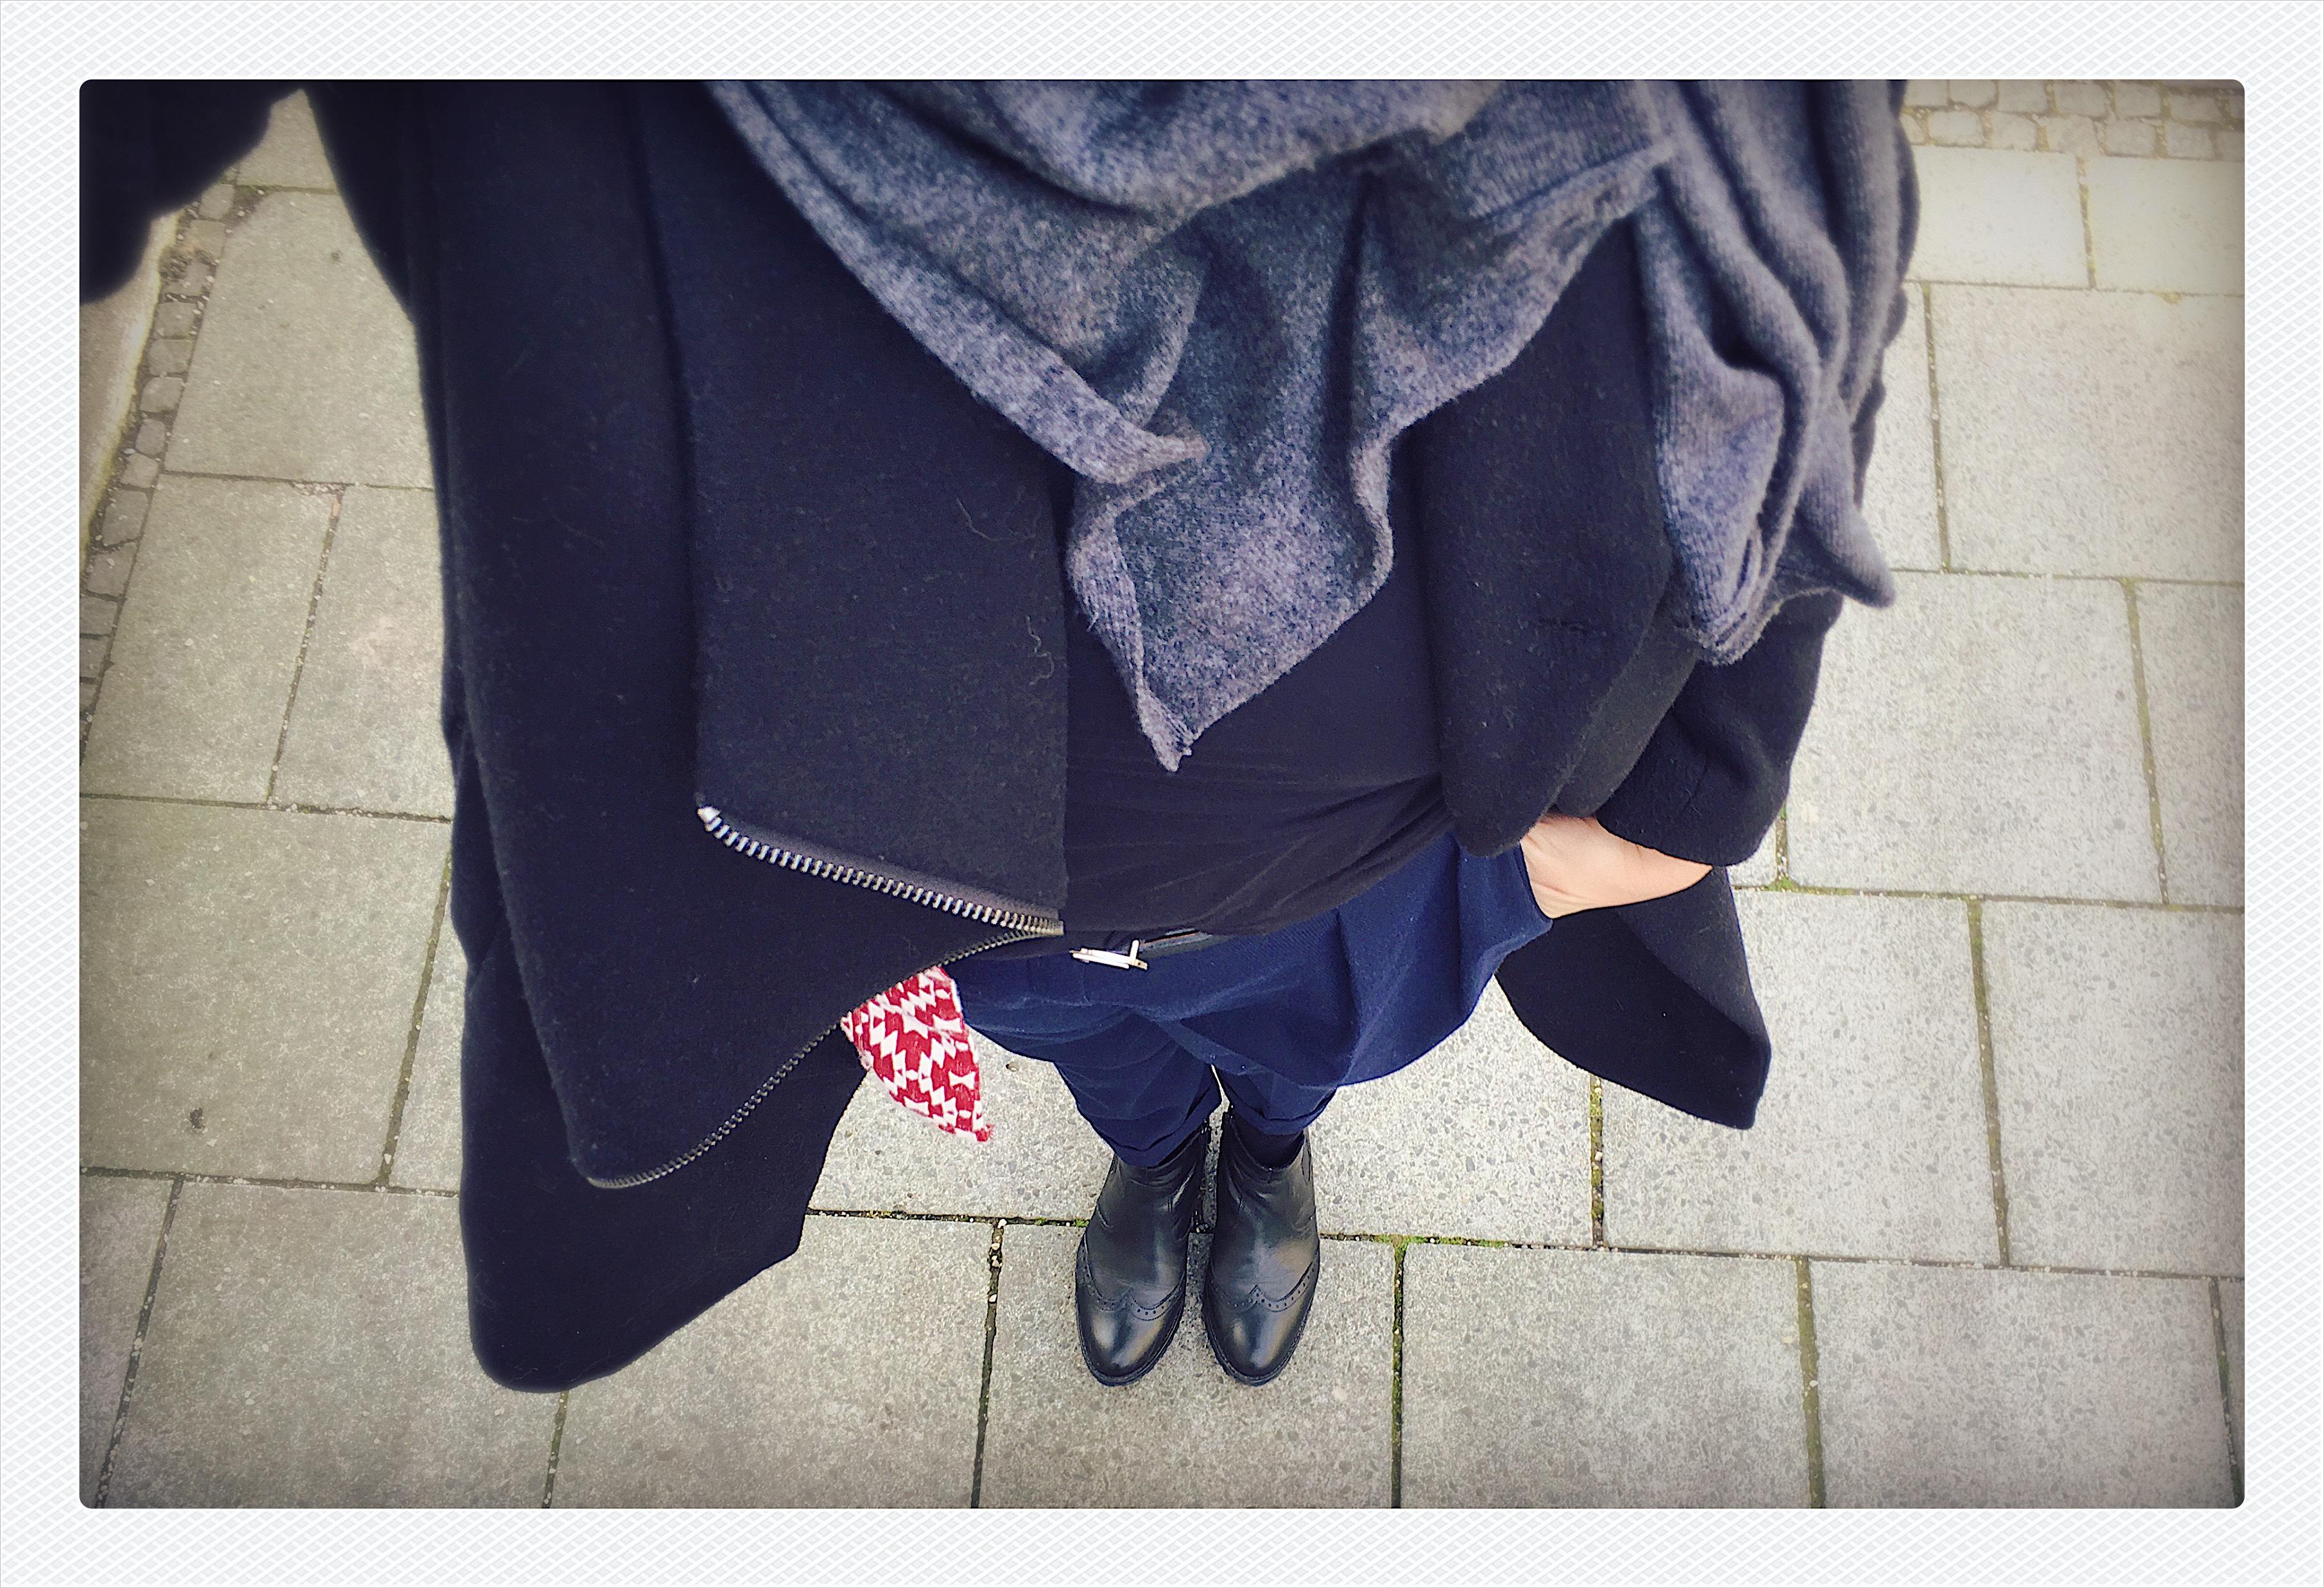 Die Vorzüge einer Uniform | Julie Fahrenheit